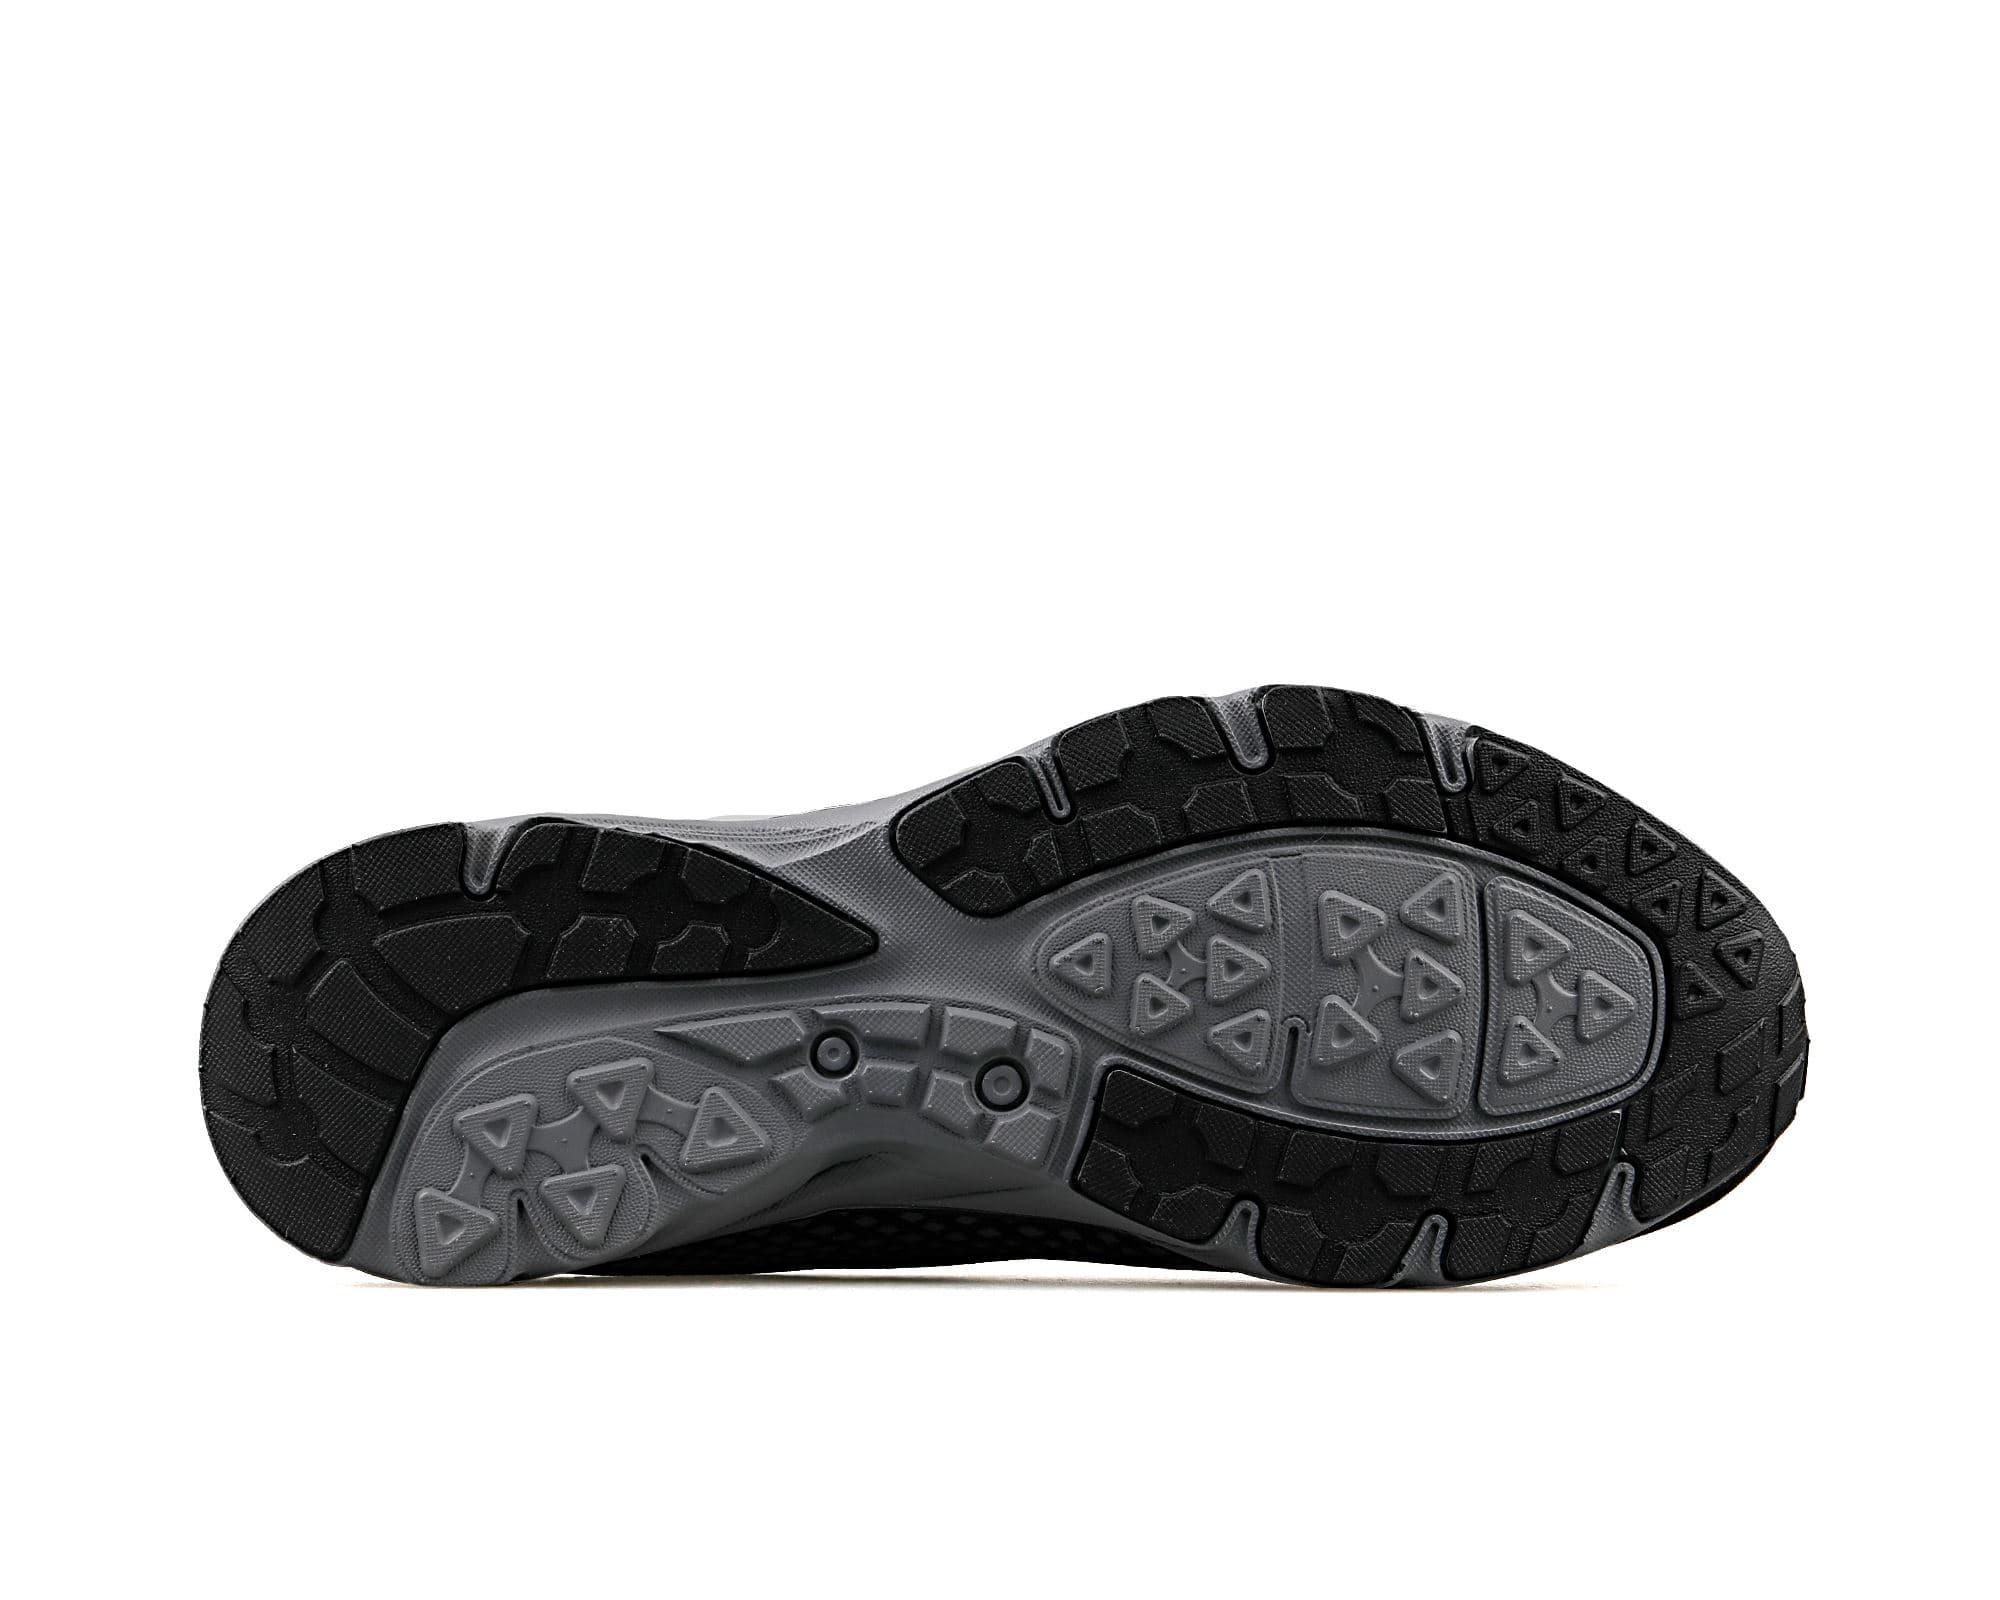 Dare Erkek Siyah Koşu Ayakkabısı (100782619)